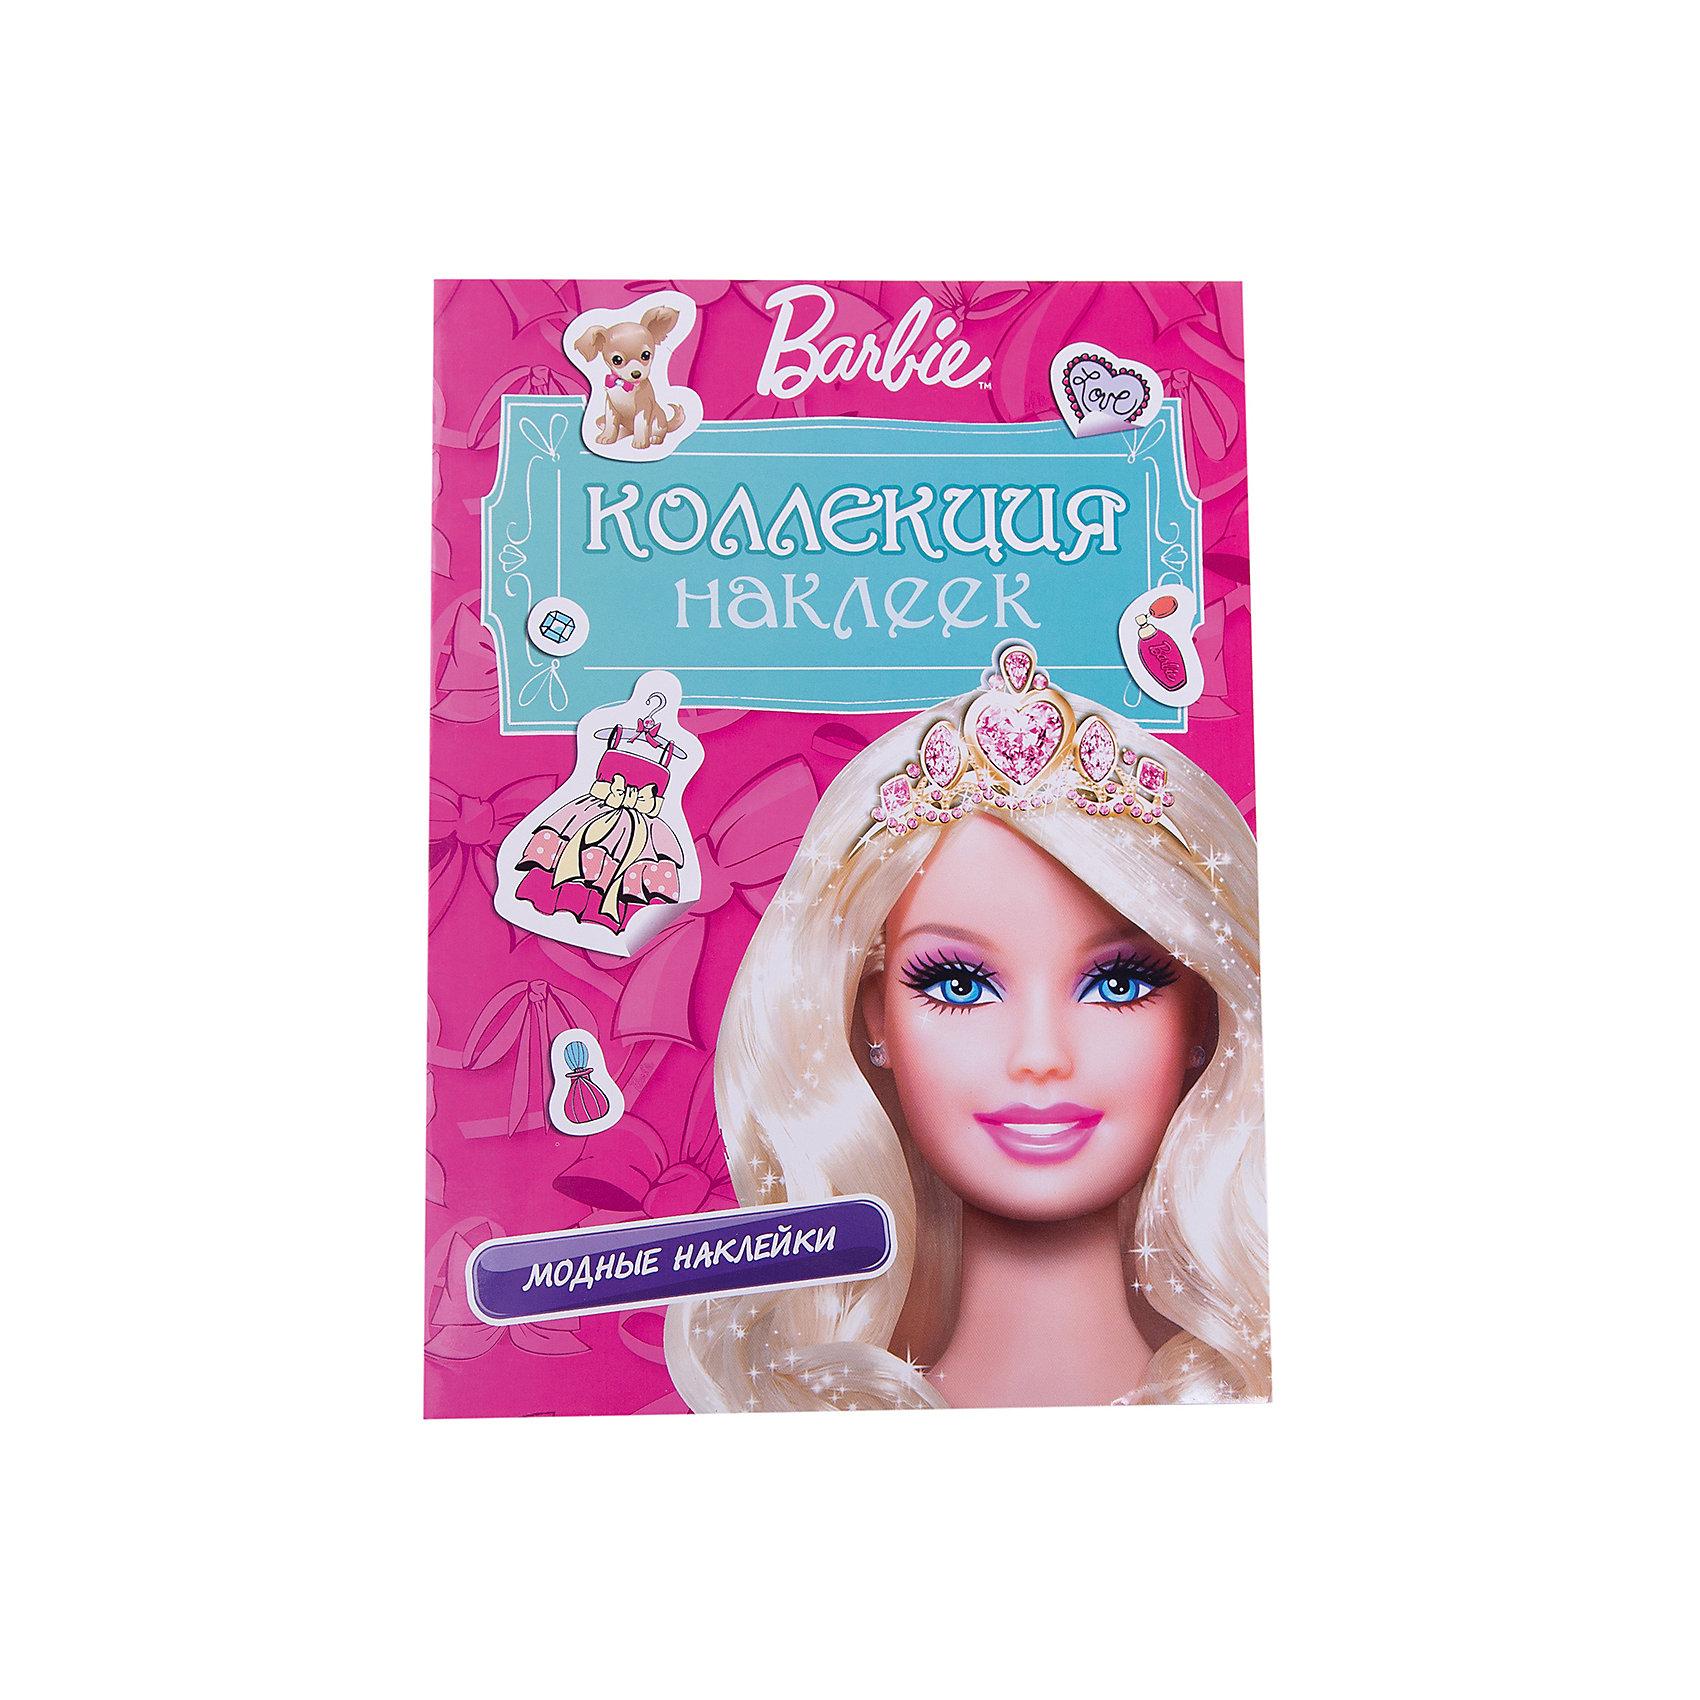 Коллекция наклеек (розовая), БарбиРосмэн<br>Коллекция красивых, интересных наклеек (розовая), Барби (Barbie) – подарит радость каждой девочке. Модная кукла Barbie, розовые очки, милые домашние питомцы, изысканные сумочки и прочие симпатичные вещички в наклейках Barbie подарят радость каждой девочке. Украшай наклейками Barbie альбомы, тетради, анкеты, открытки, подарки и свою комнату.<br><br>Дополнительная информация:<br><br>- Серия: Альбомы наклеек<br>- Тип обложки: мягкая<br>- Количество страниц: 8<br>- Размер: 270 x 200 мм.<br>- Вес: 20 гр.<br><br>Коллекцию наклеек (розовую), Барби (Barbie) можно купить в нашем интернет-магазине.<br><br>Ширина мм: 270<br>Глубина мм: 200<br>Высота мм: 1<br>Вес г: 20<br>Возраст от месяцев: 48<br>Возраст до месяцев: 108<br>Пол: Женский<br>Возраст: Детский<br>SKU: 3781205